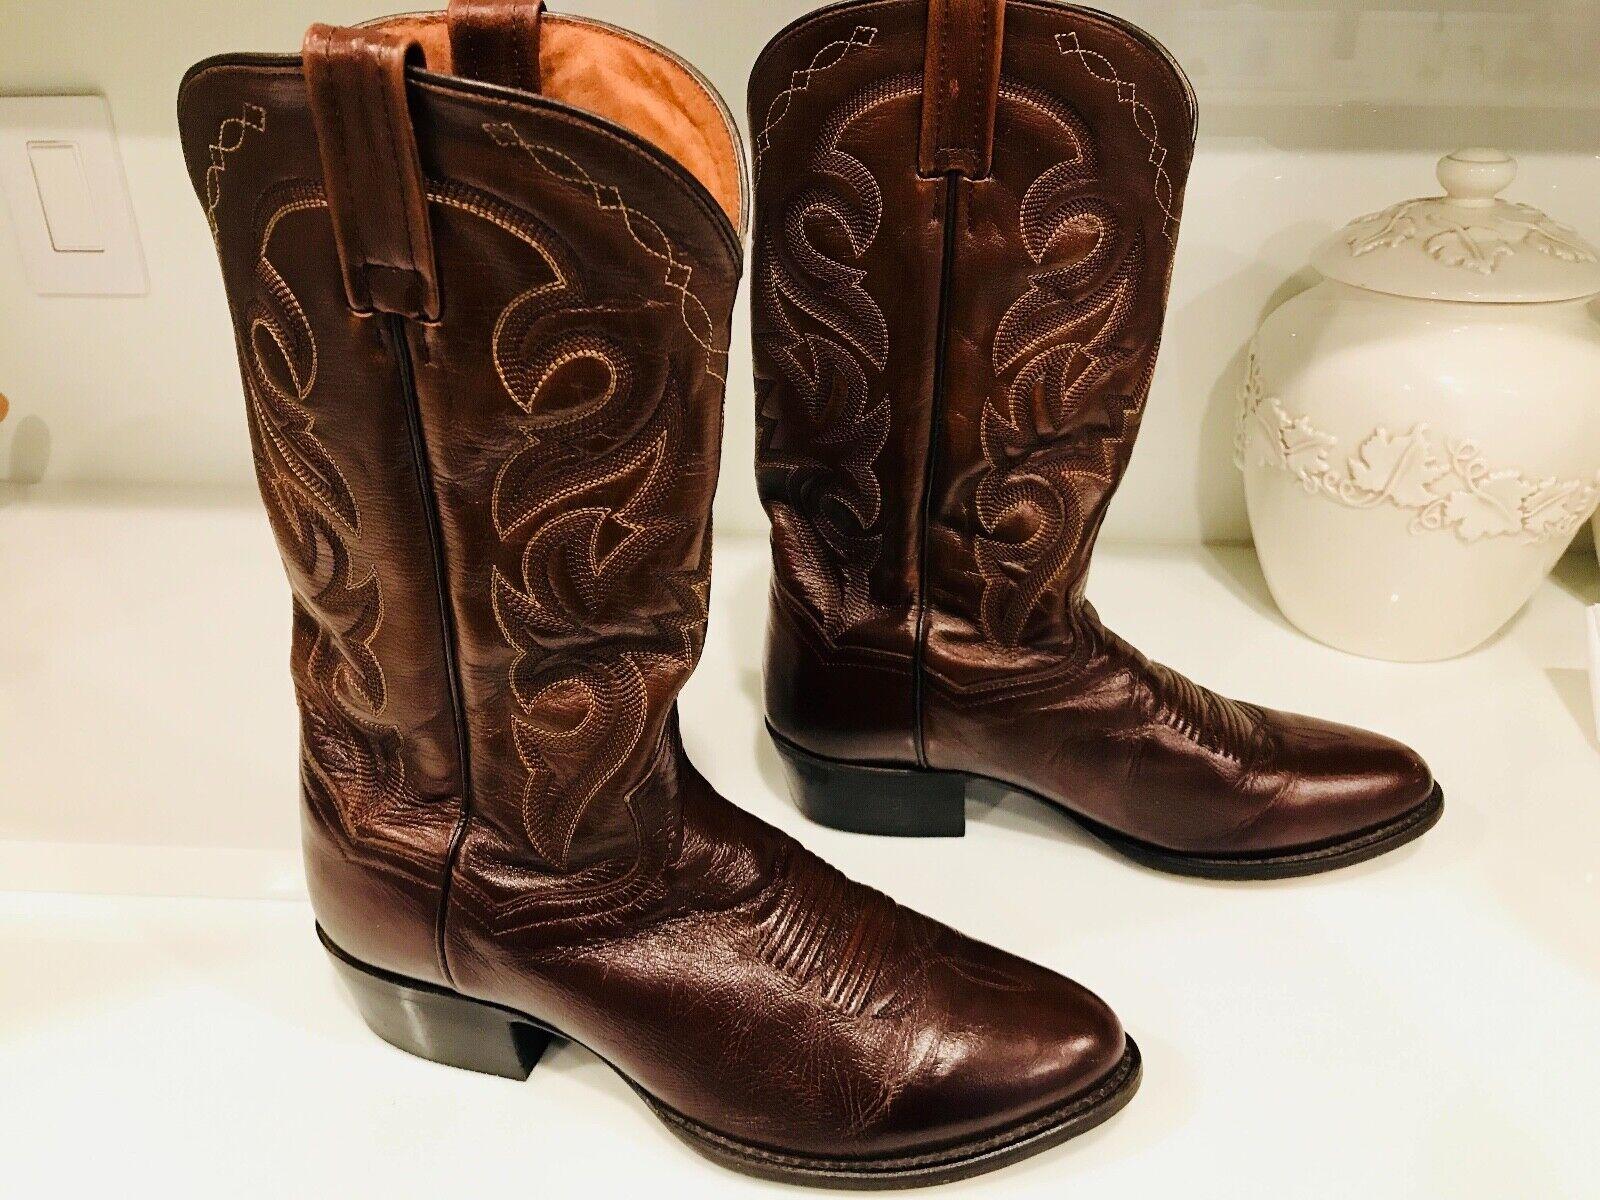 Dan botas Zapatos-Western Cowboy Post-Cuero Genuino Hombres'S Talla 10EW marrón